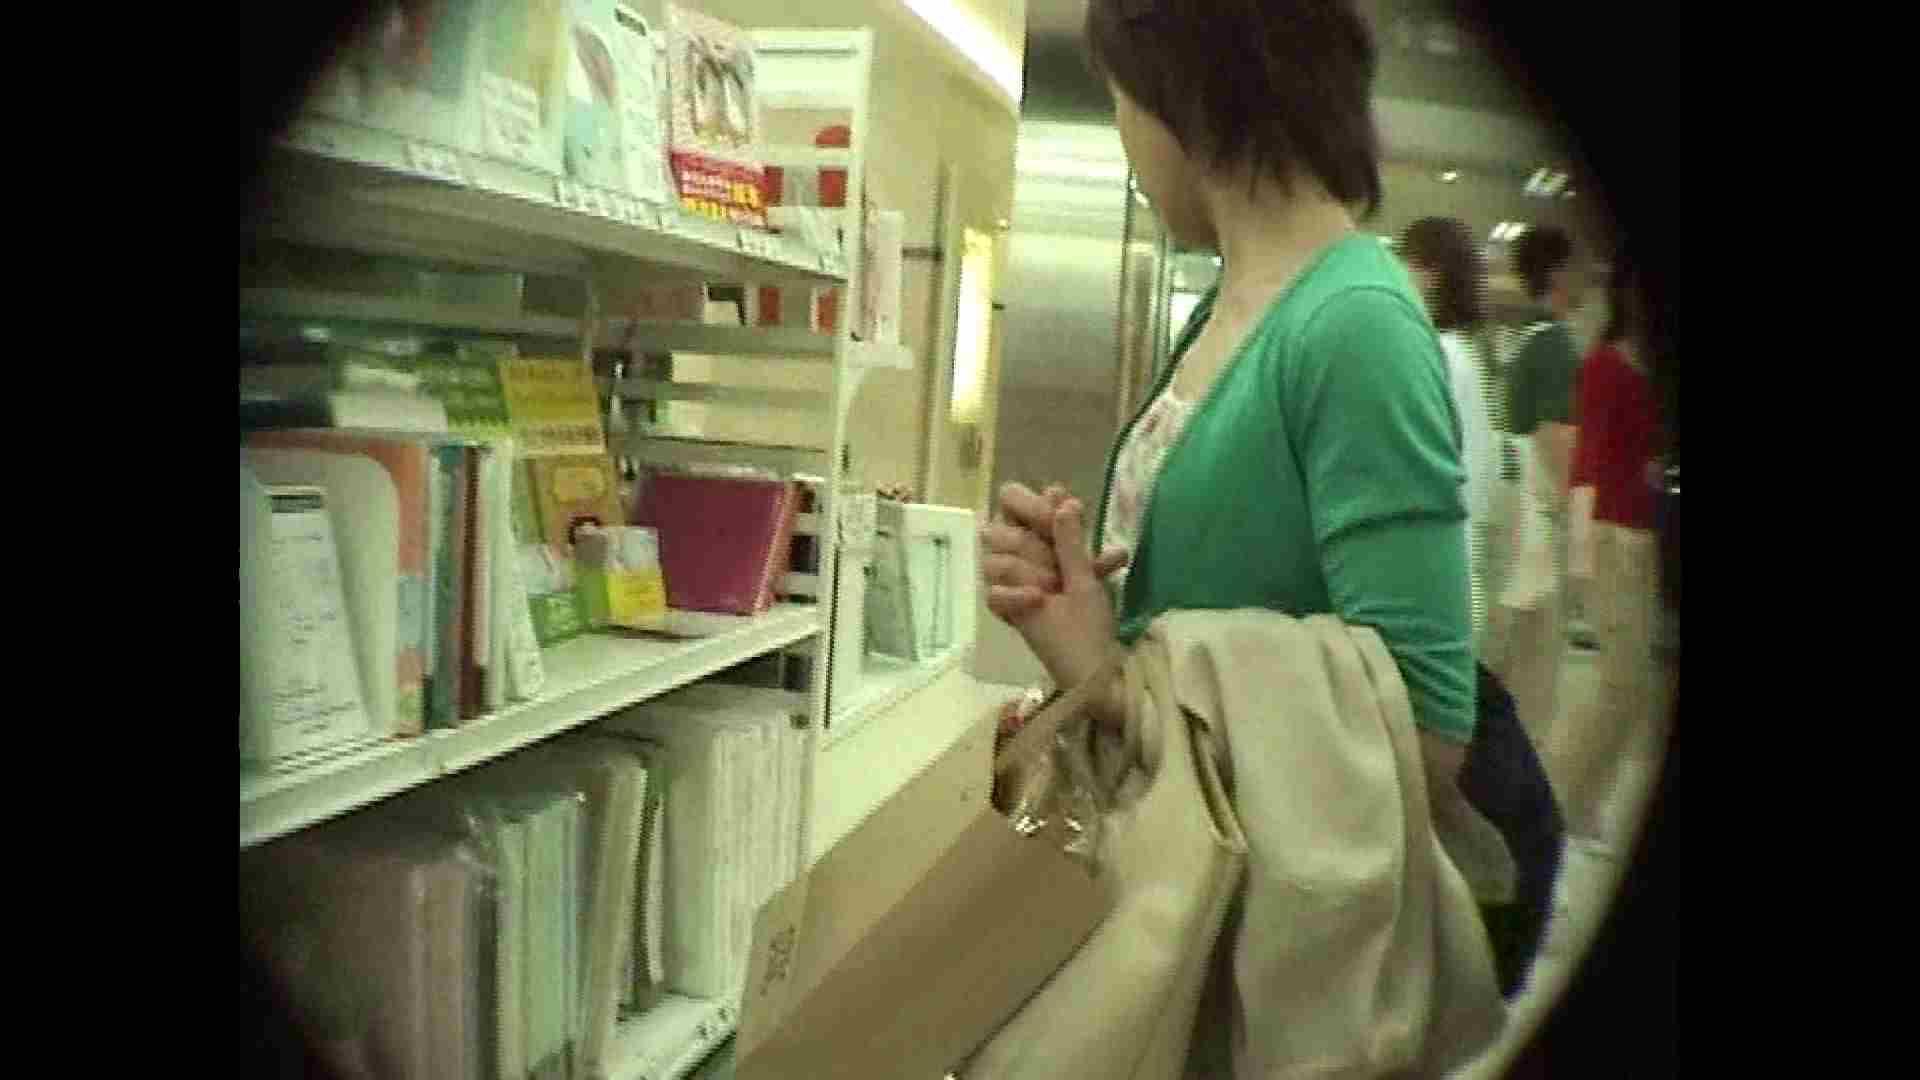 働く美女の谷間参拝 Vol.39 美女エロ画像  72PICs 48